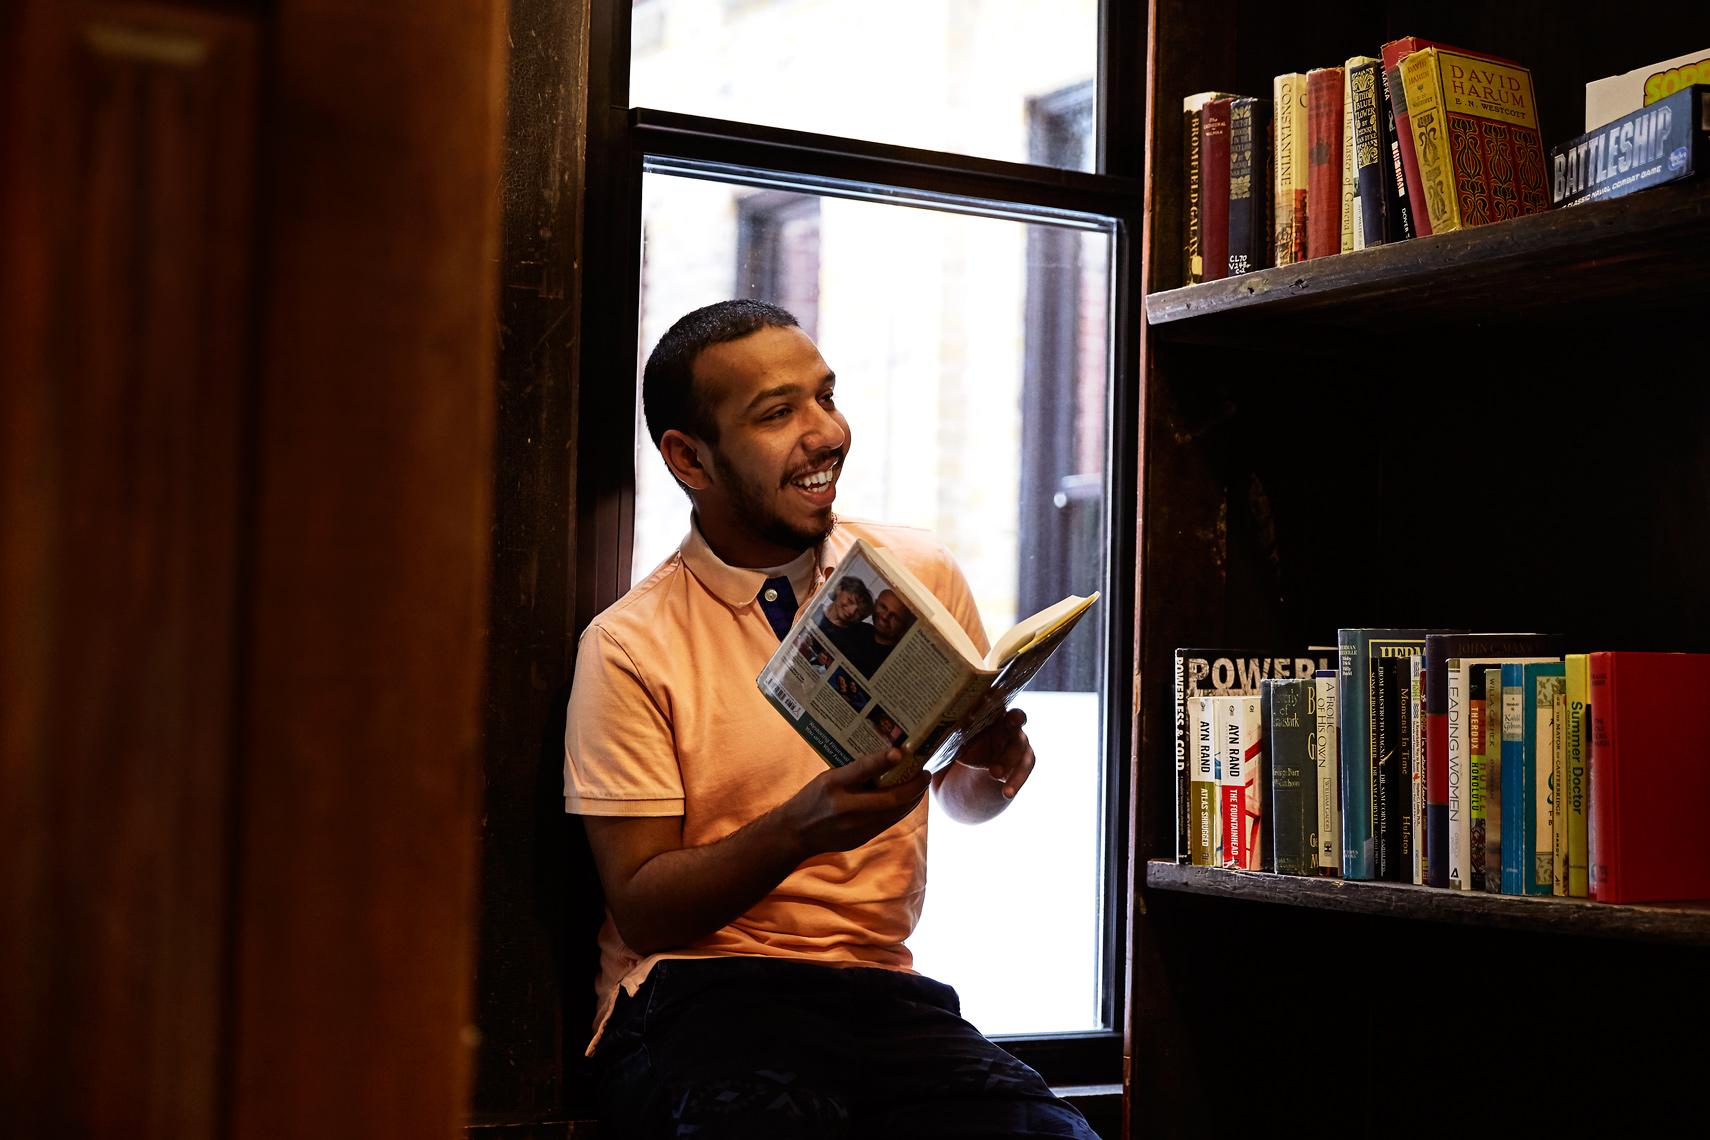 Reside  Park East Resident enjoying the open bookshelf at The Sterling.